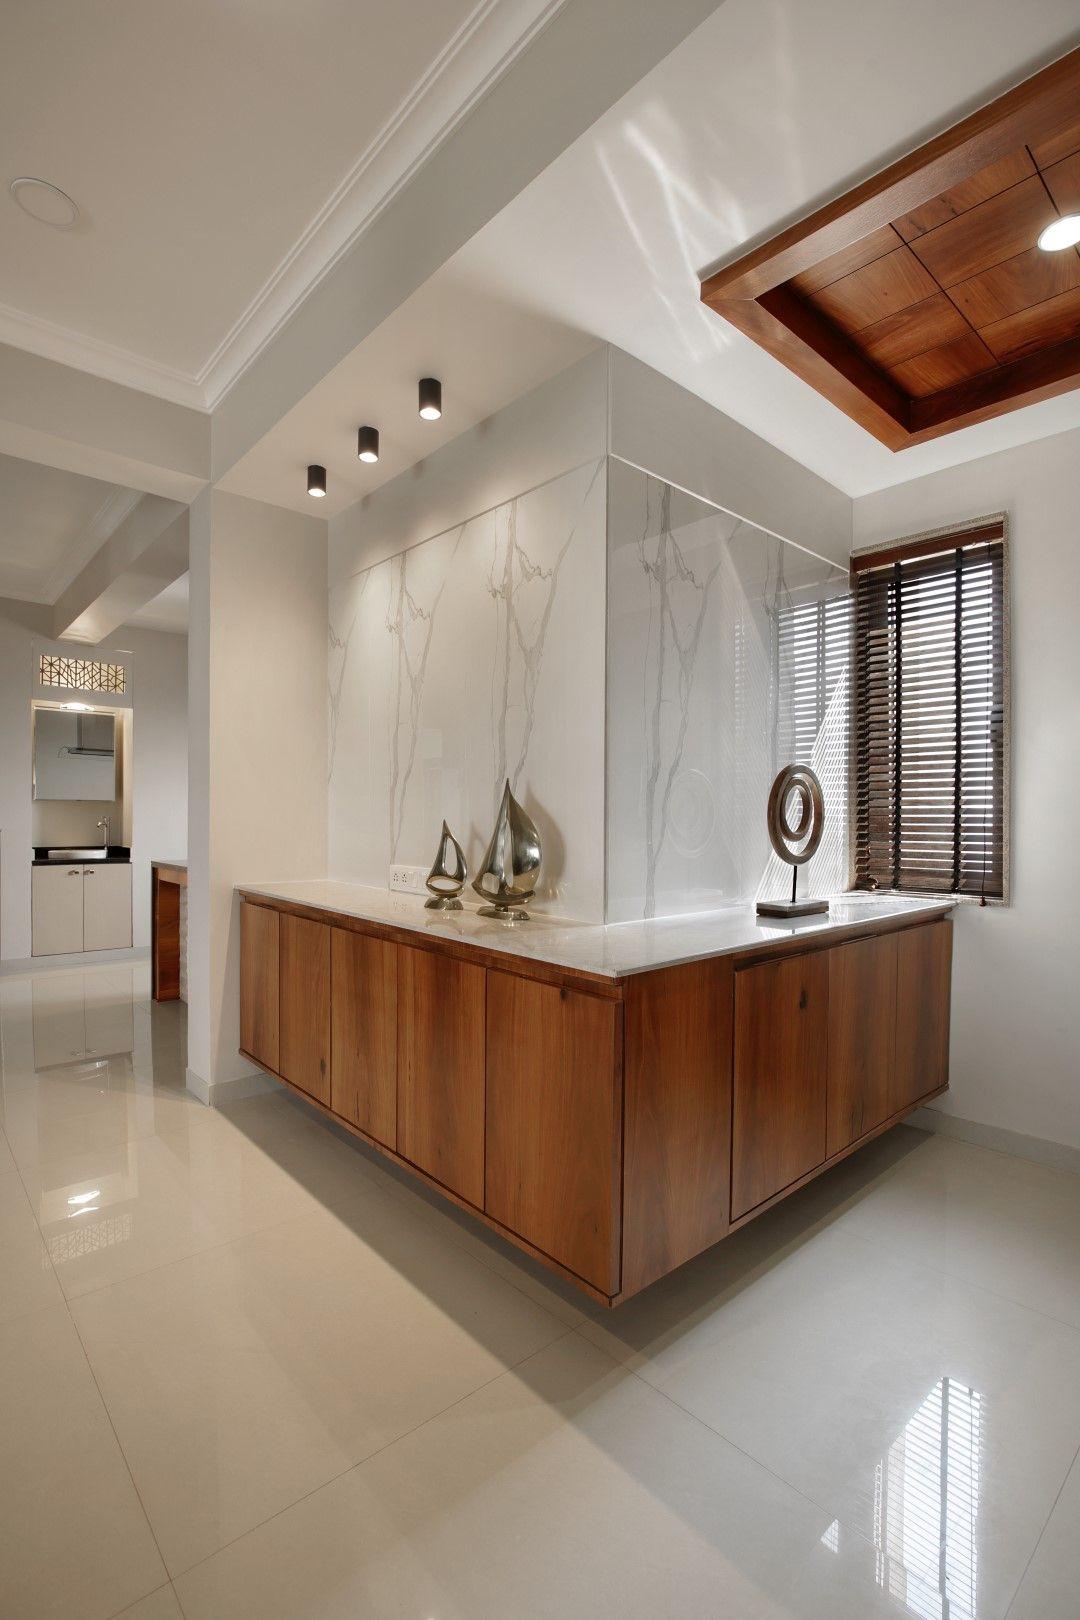 2 Bhk Interior Design With Images Apartment Interior Foyer